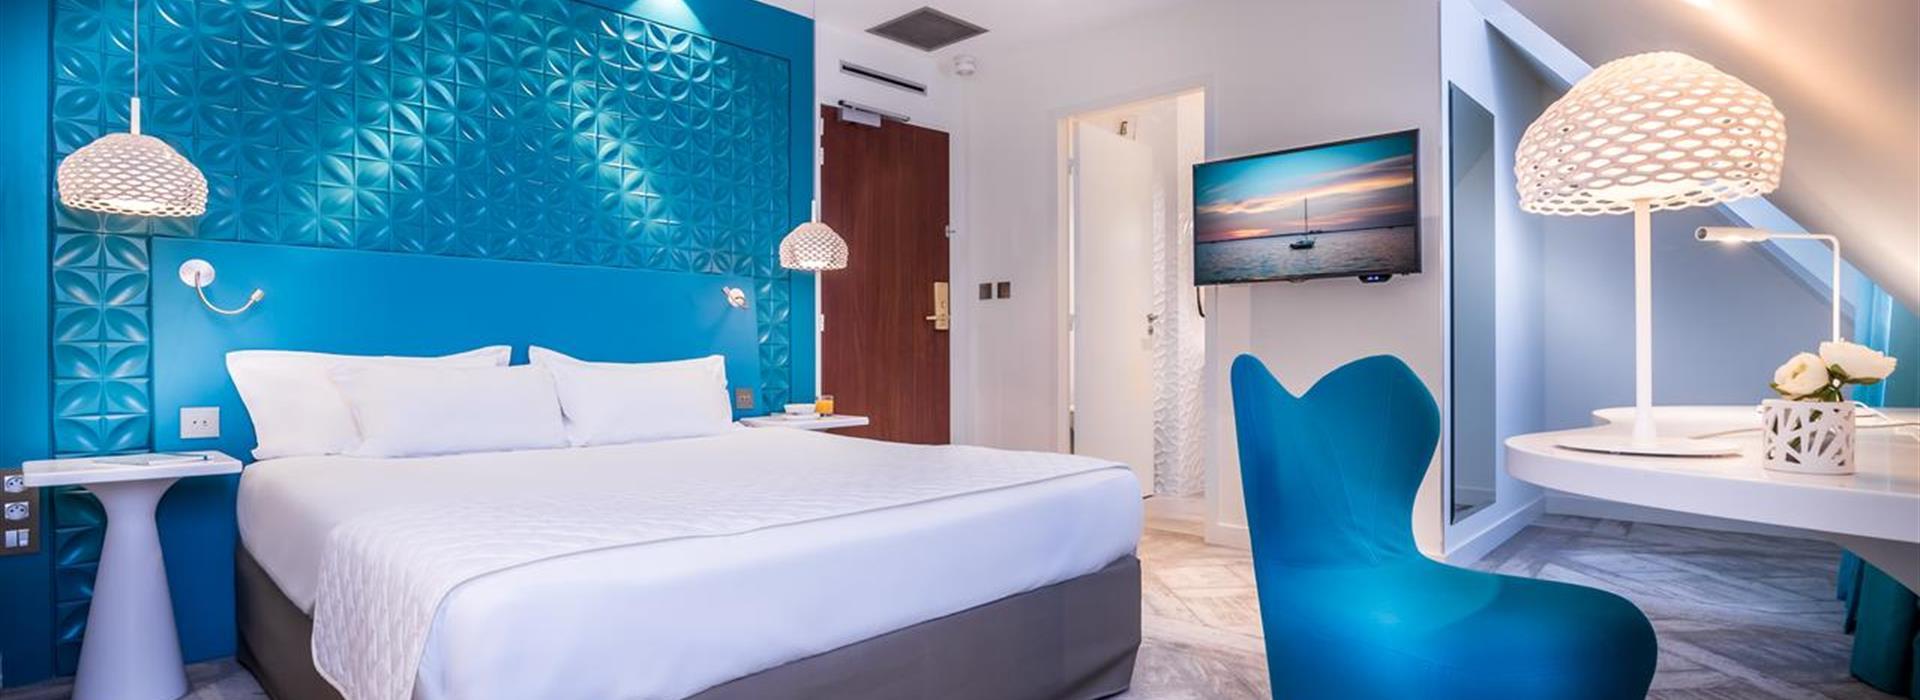 Holiday-Inn-Paris-Gare-de-l-Est